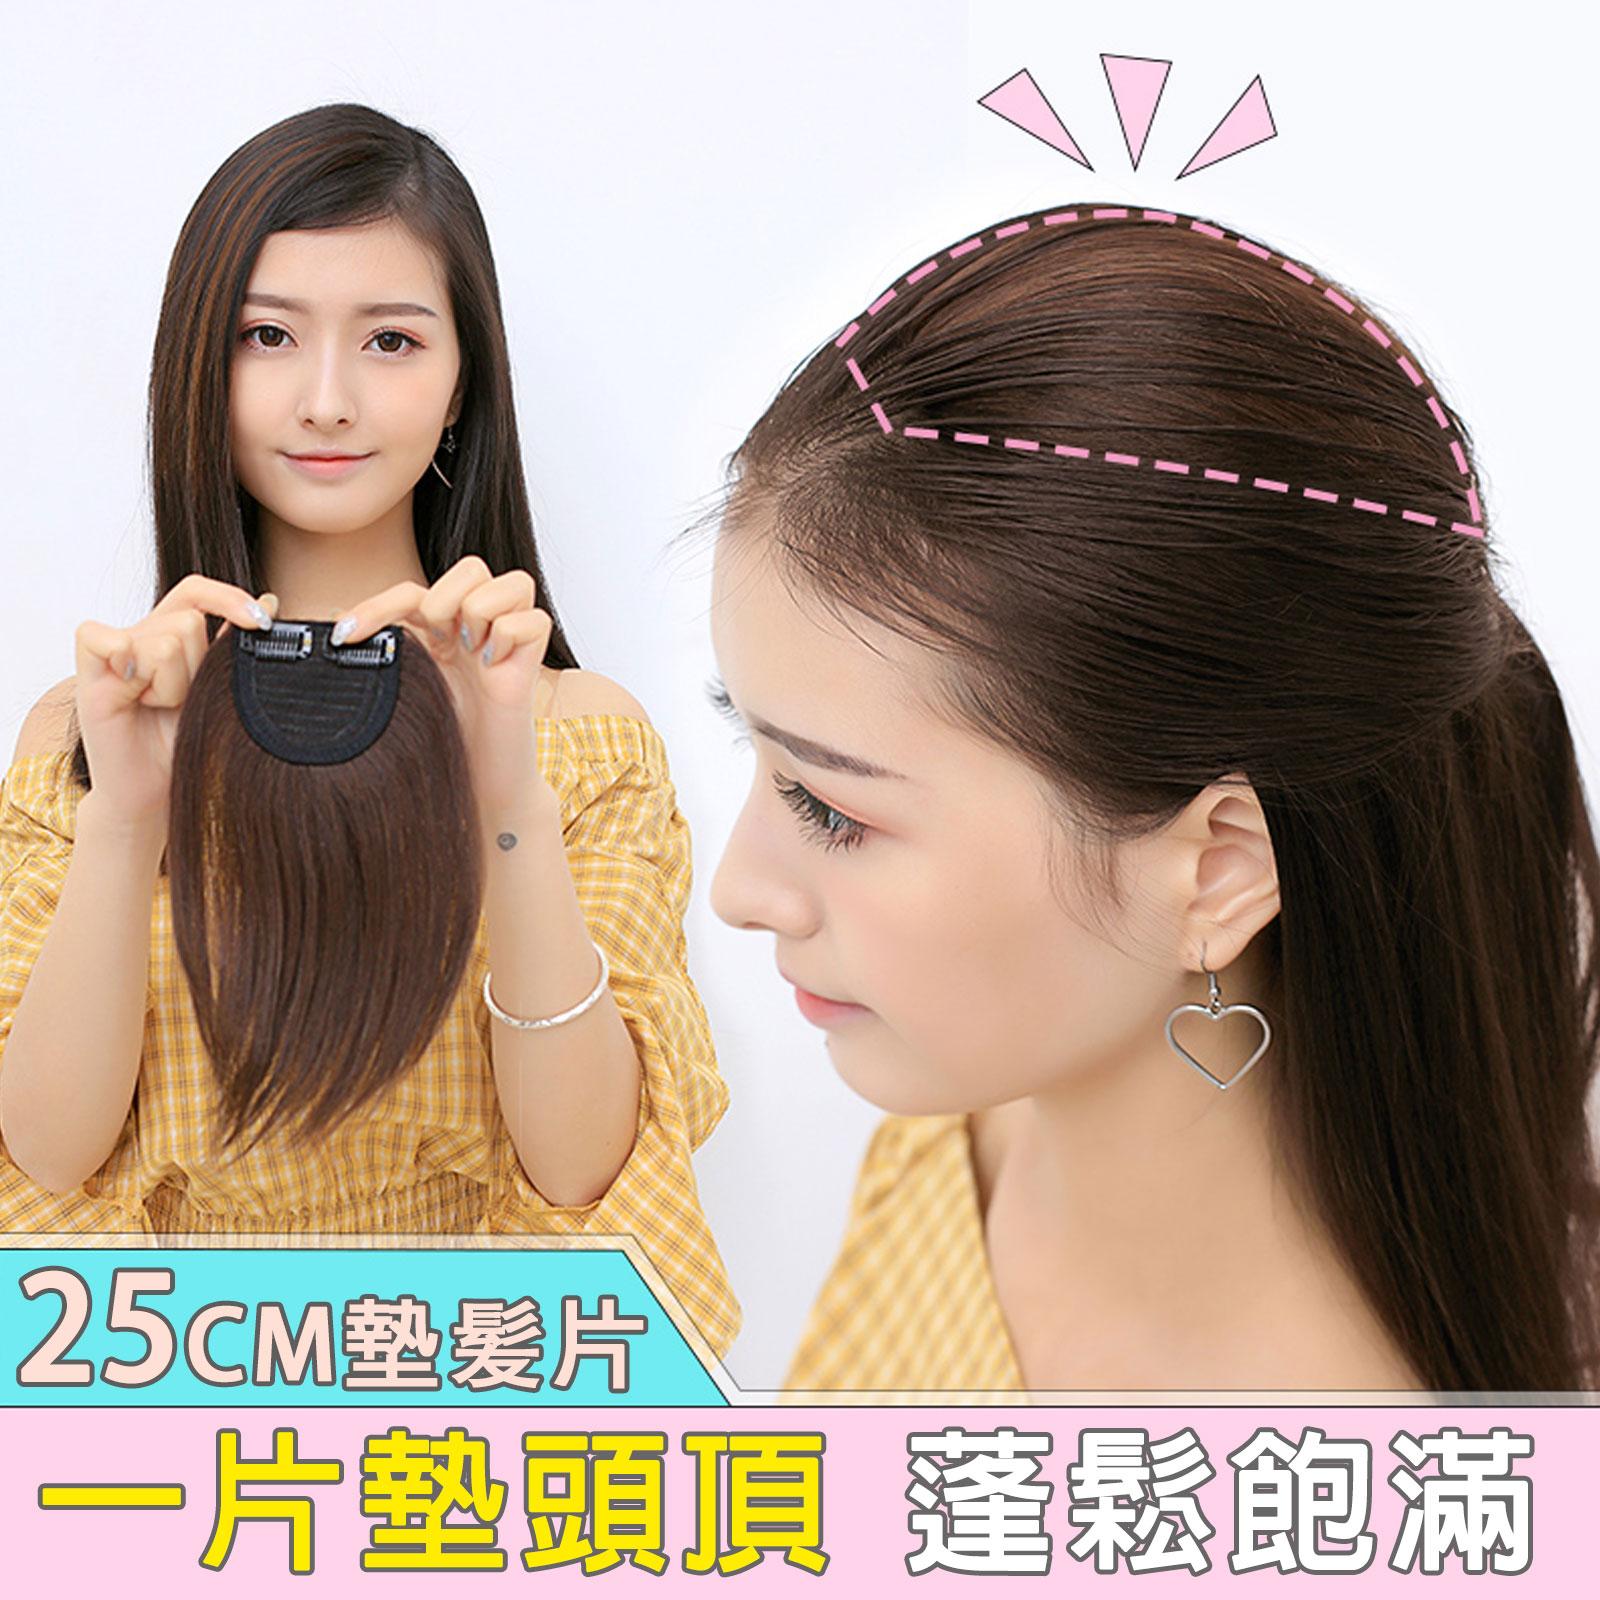 頭頂/兩側 墊髮片 假髮25CM 墊頭頂 增髮增量 接髮片【MF024】 ☆雙兒網☆